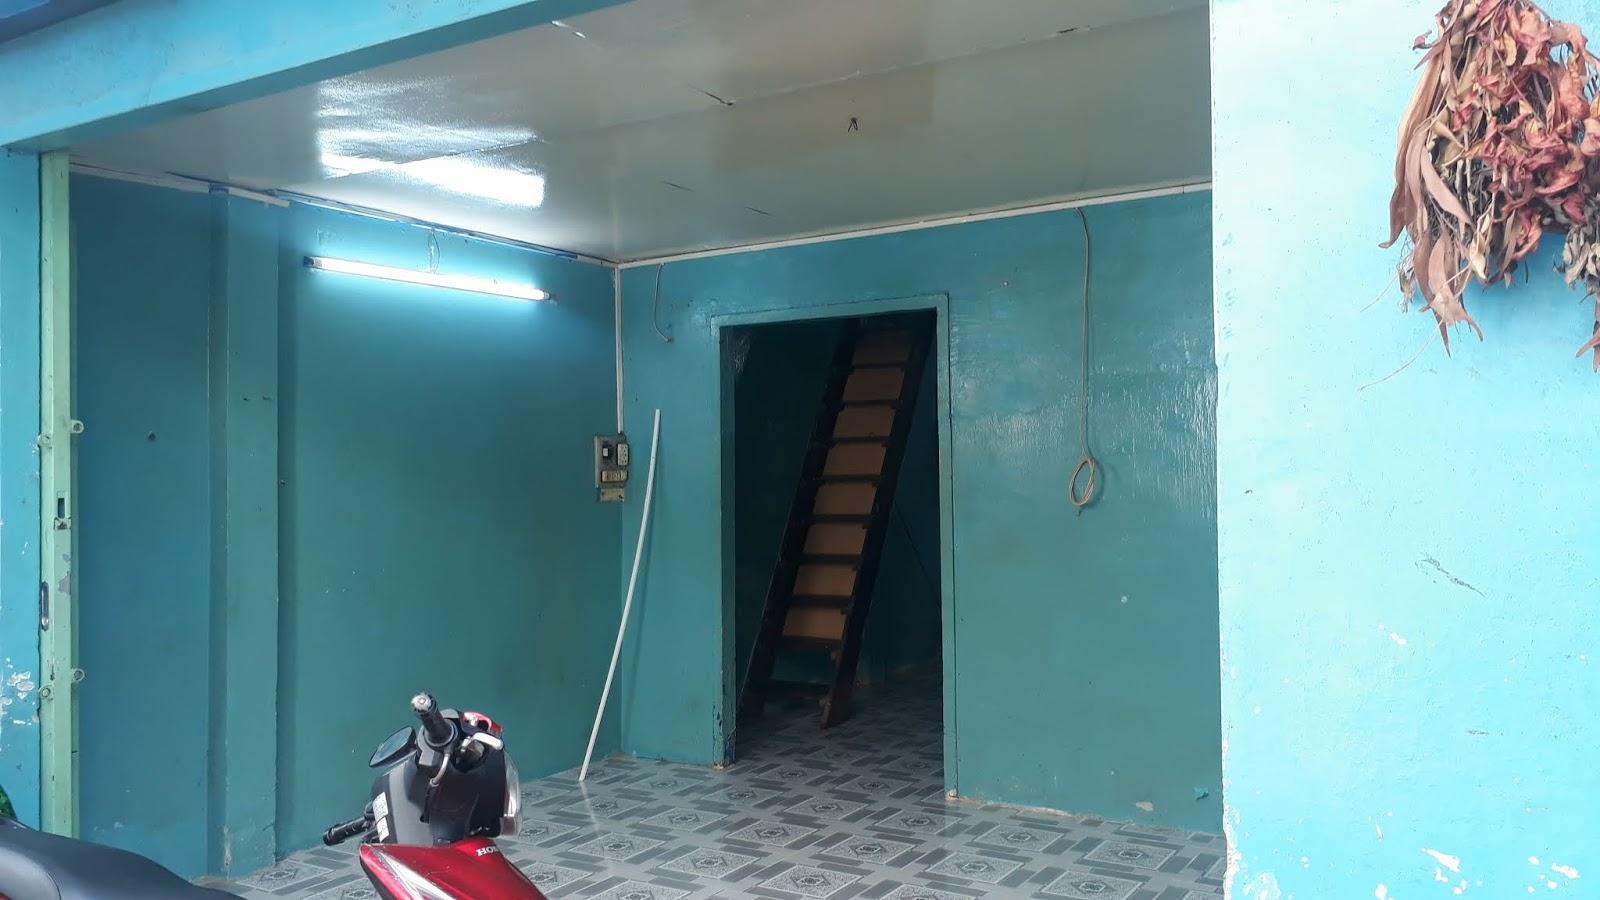 Bán nhà cấp 4 cũ hẻm 64 Nguyễn Khoái phường 2 Quận 4 mới nhất 2020